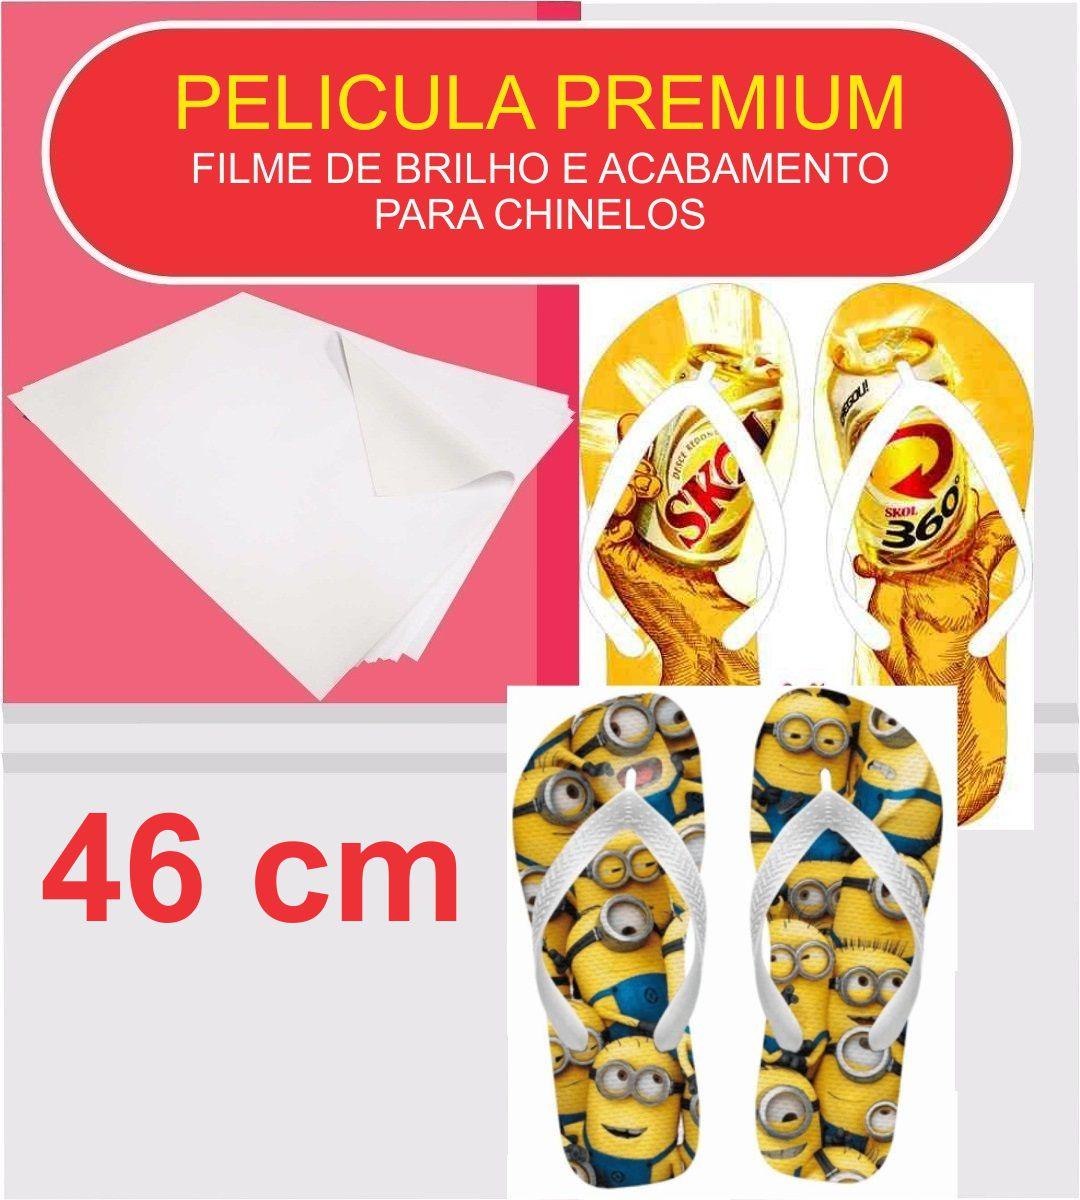 Pelicula Premium - Pelicula de Brilho para chinelos e tecidos - 46 cm